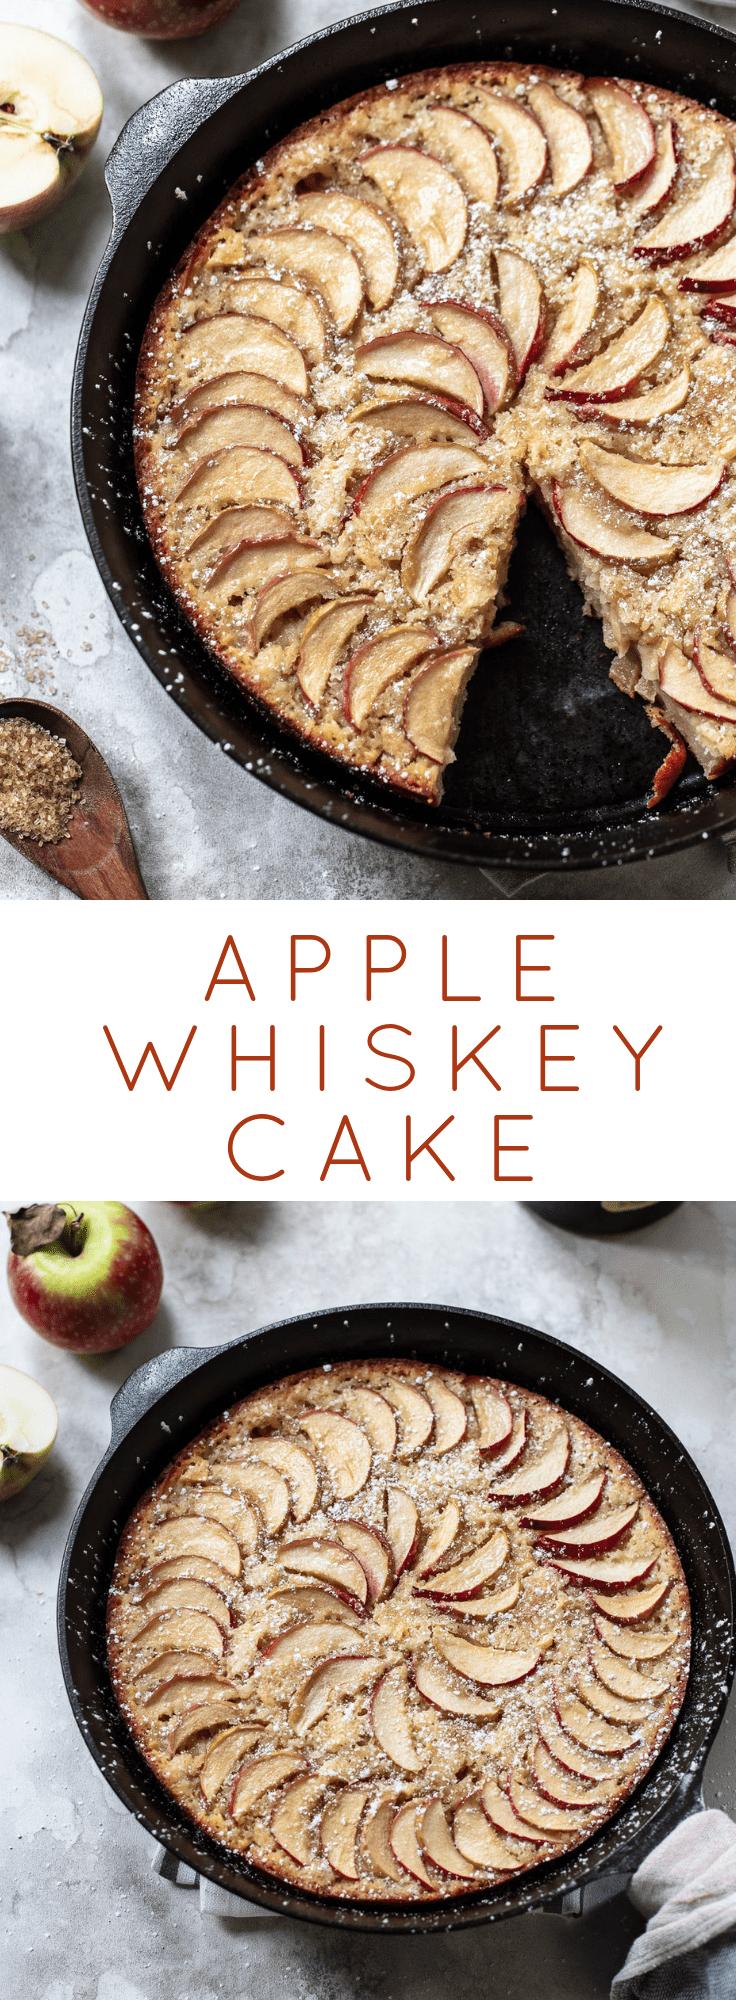 Skillet Whiskey Apple Cake